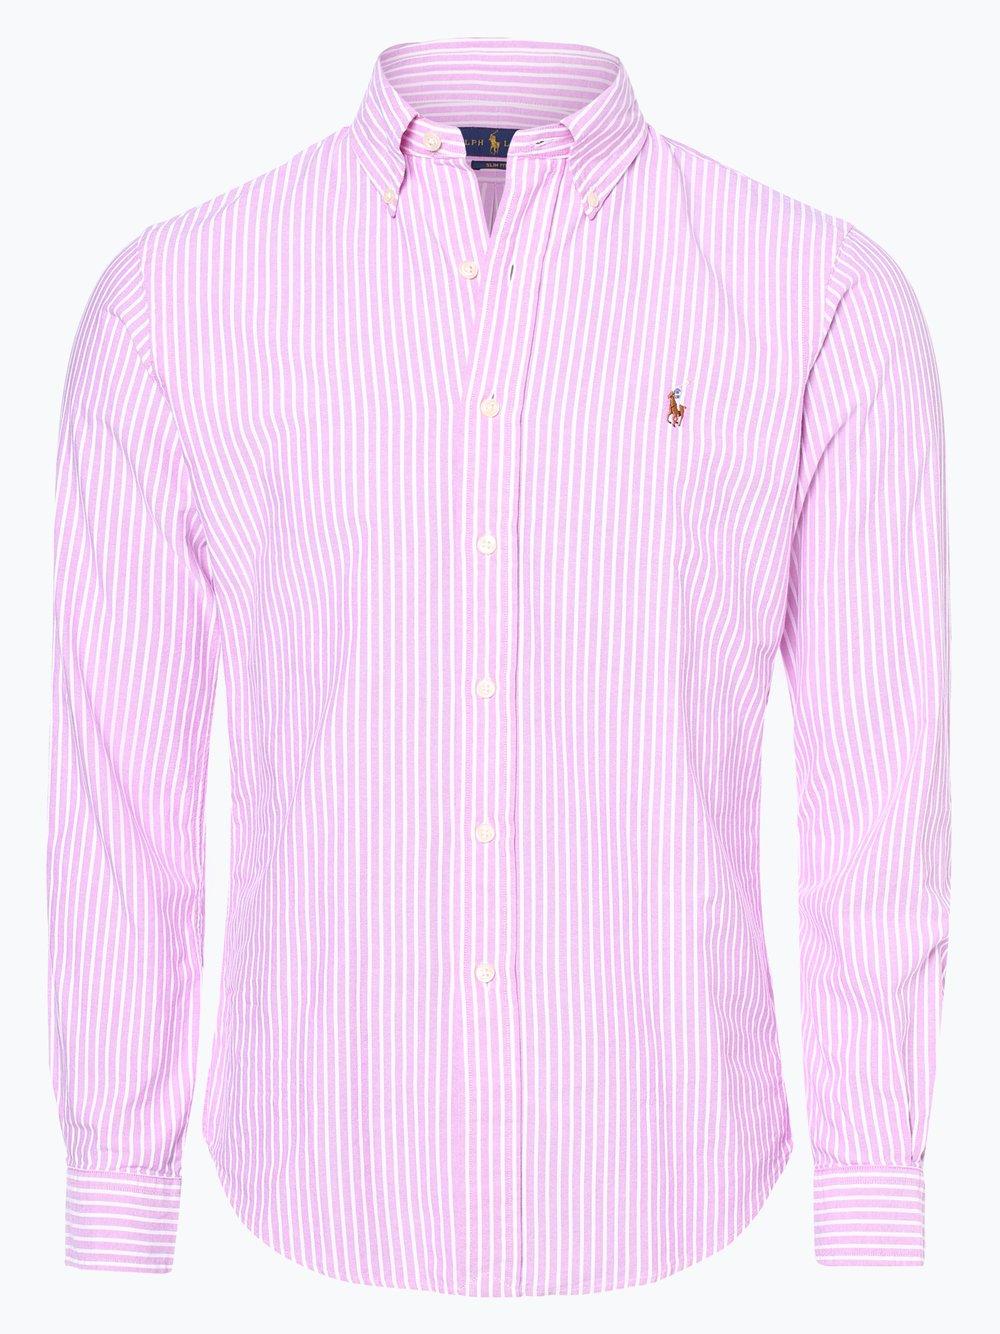 97c187a1044514 Polo Ralph Lauren Herren Hemd online kaufen